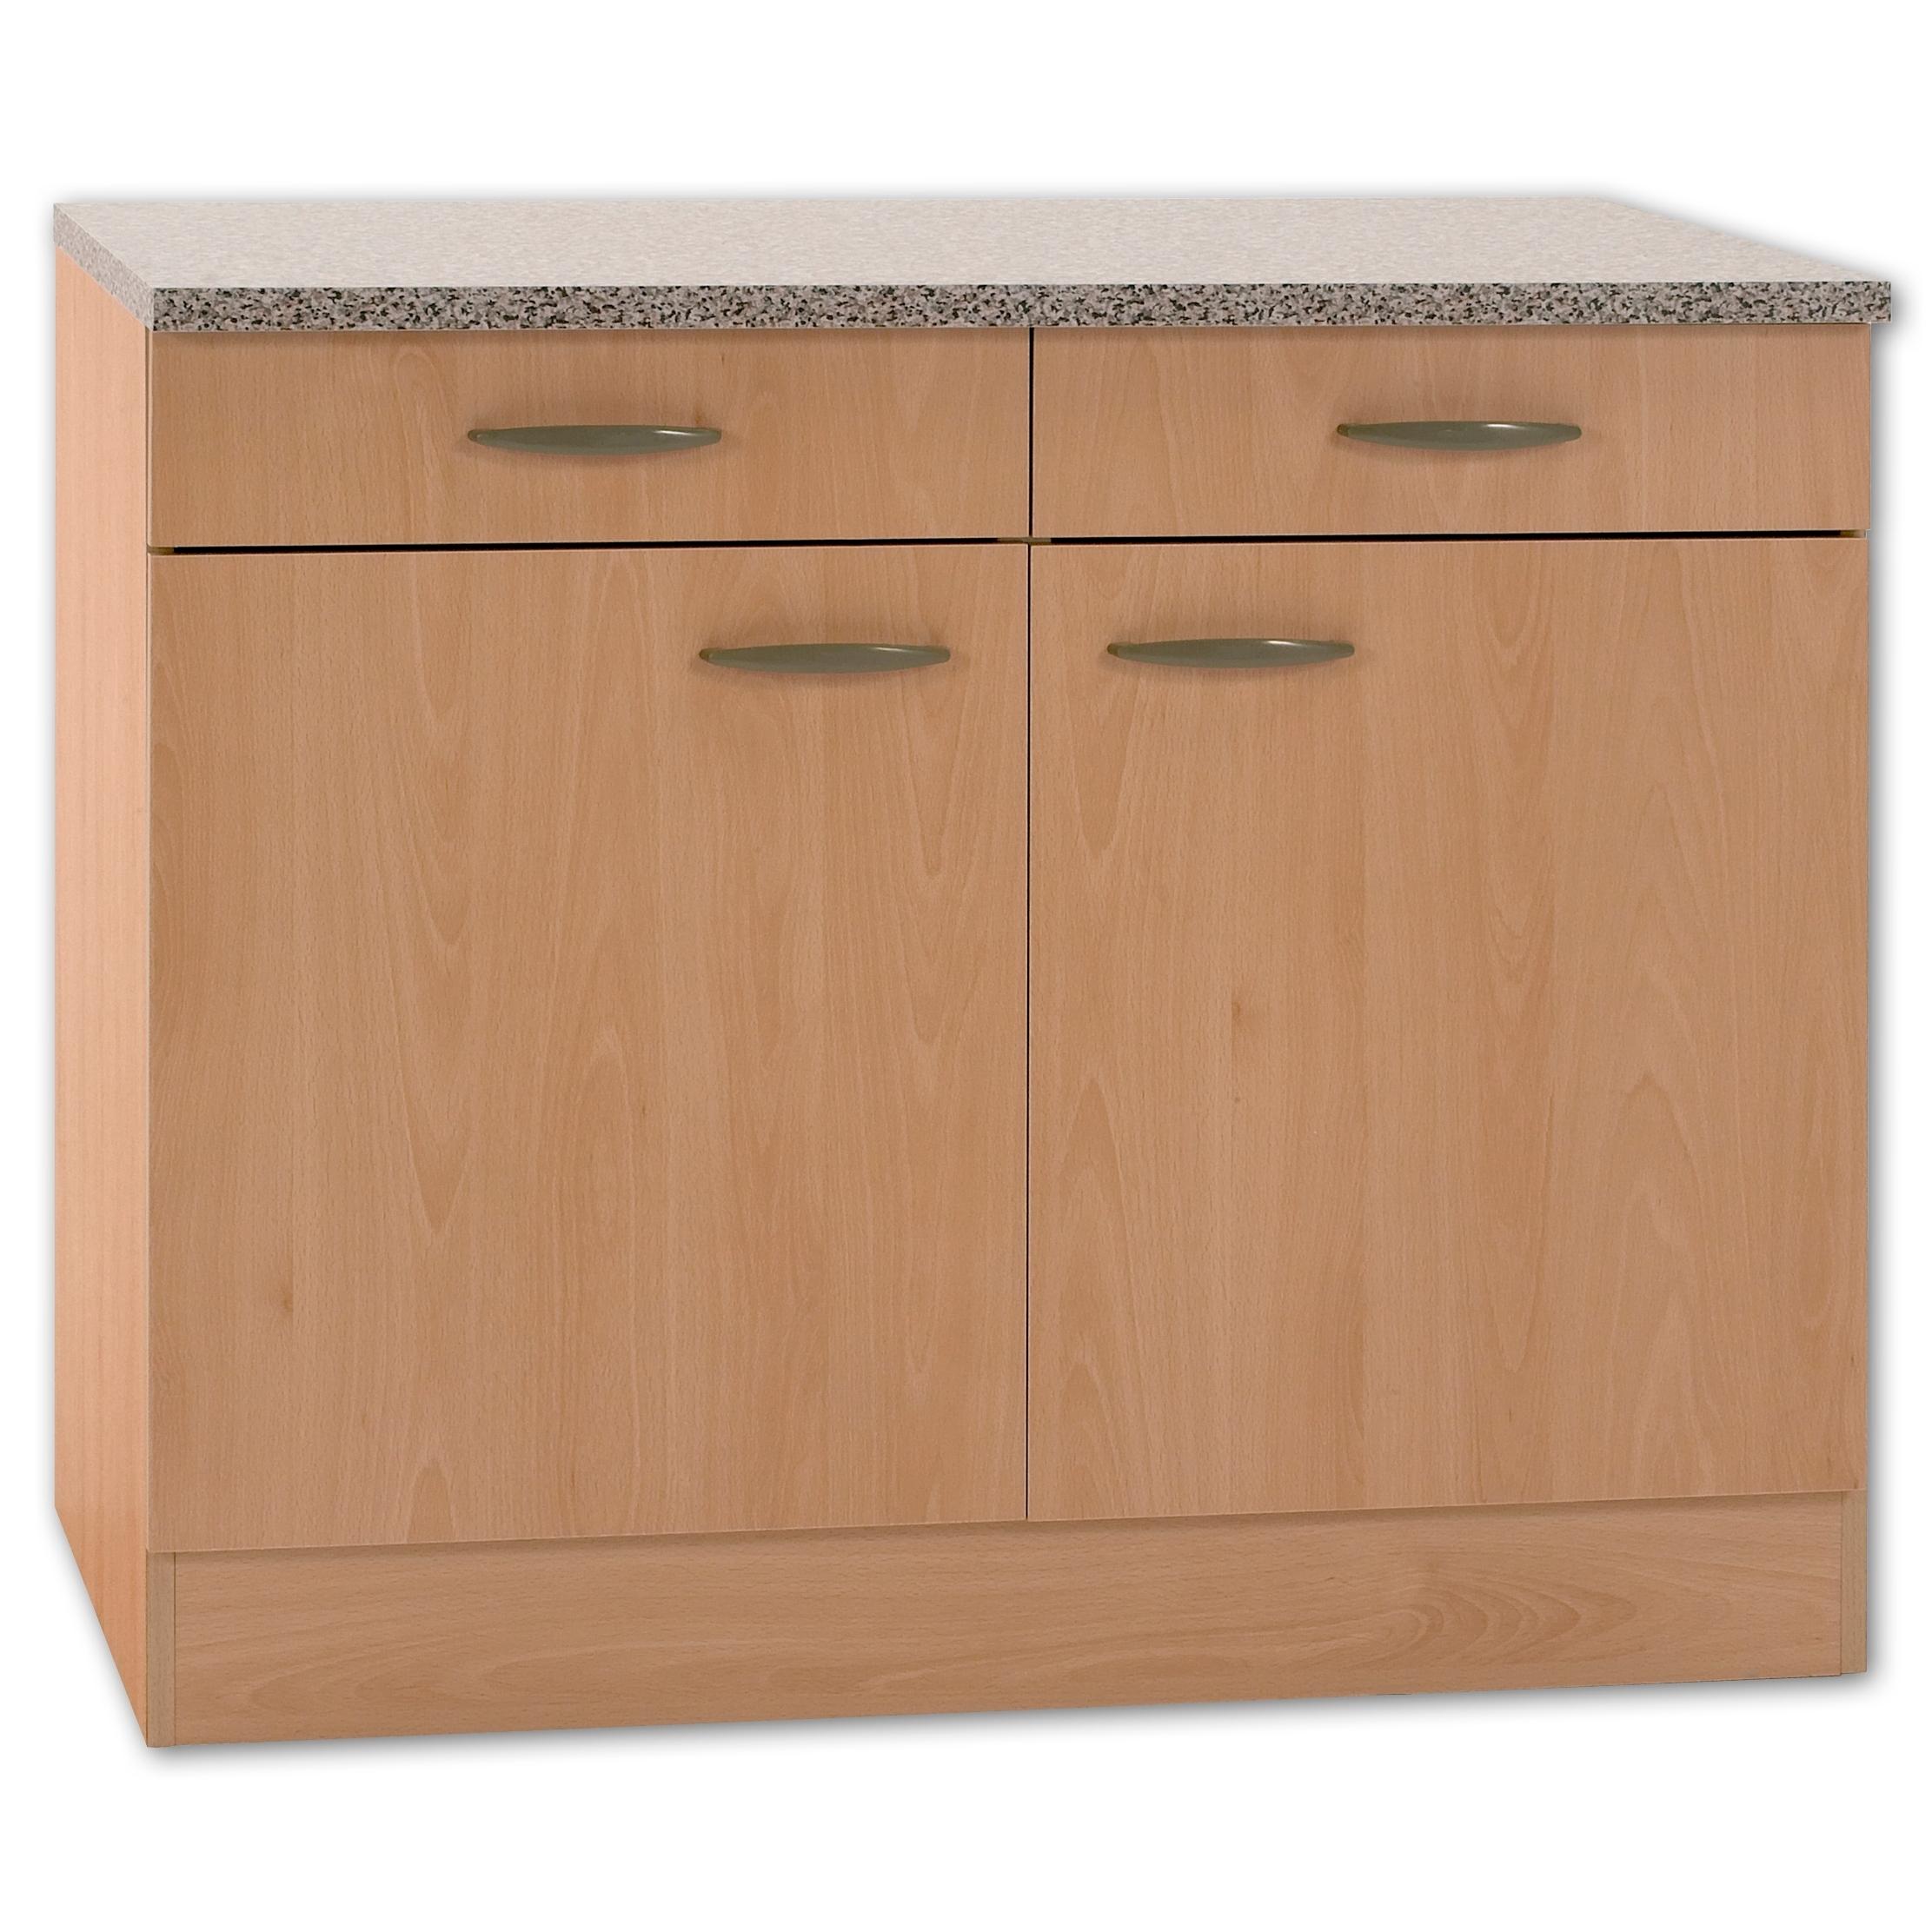 Full Size of Küchenunterschrank Kchenunterschrank Klassik Buche Nachbildung Mit Arbeitsplatte 100 Wohnzimmer Küchenunterschrank